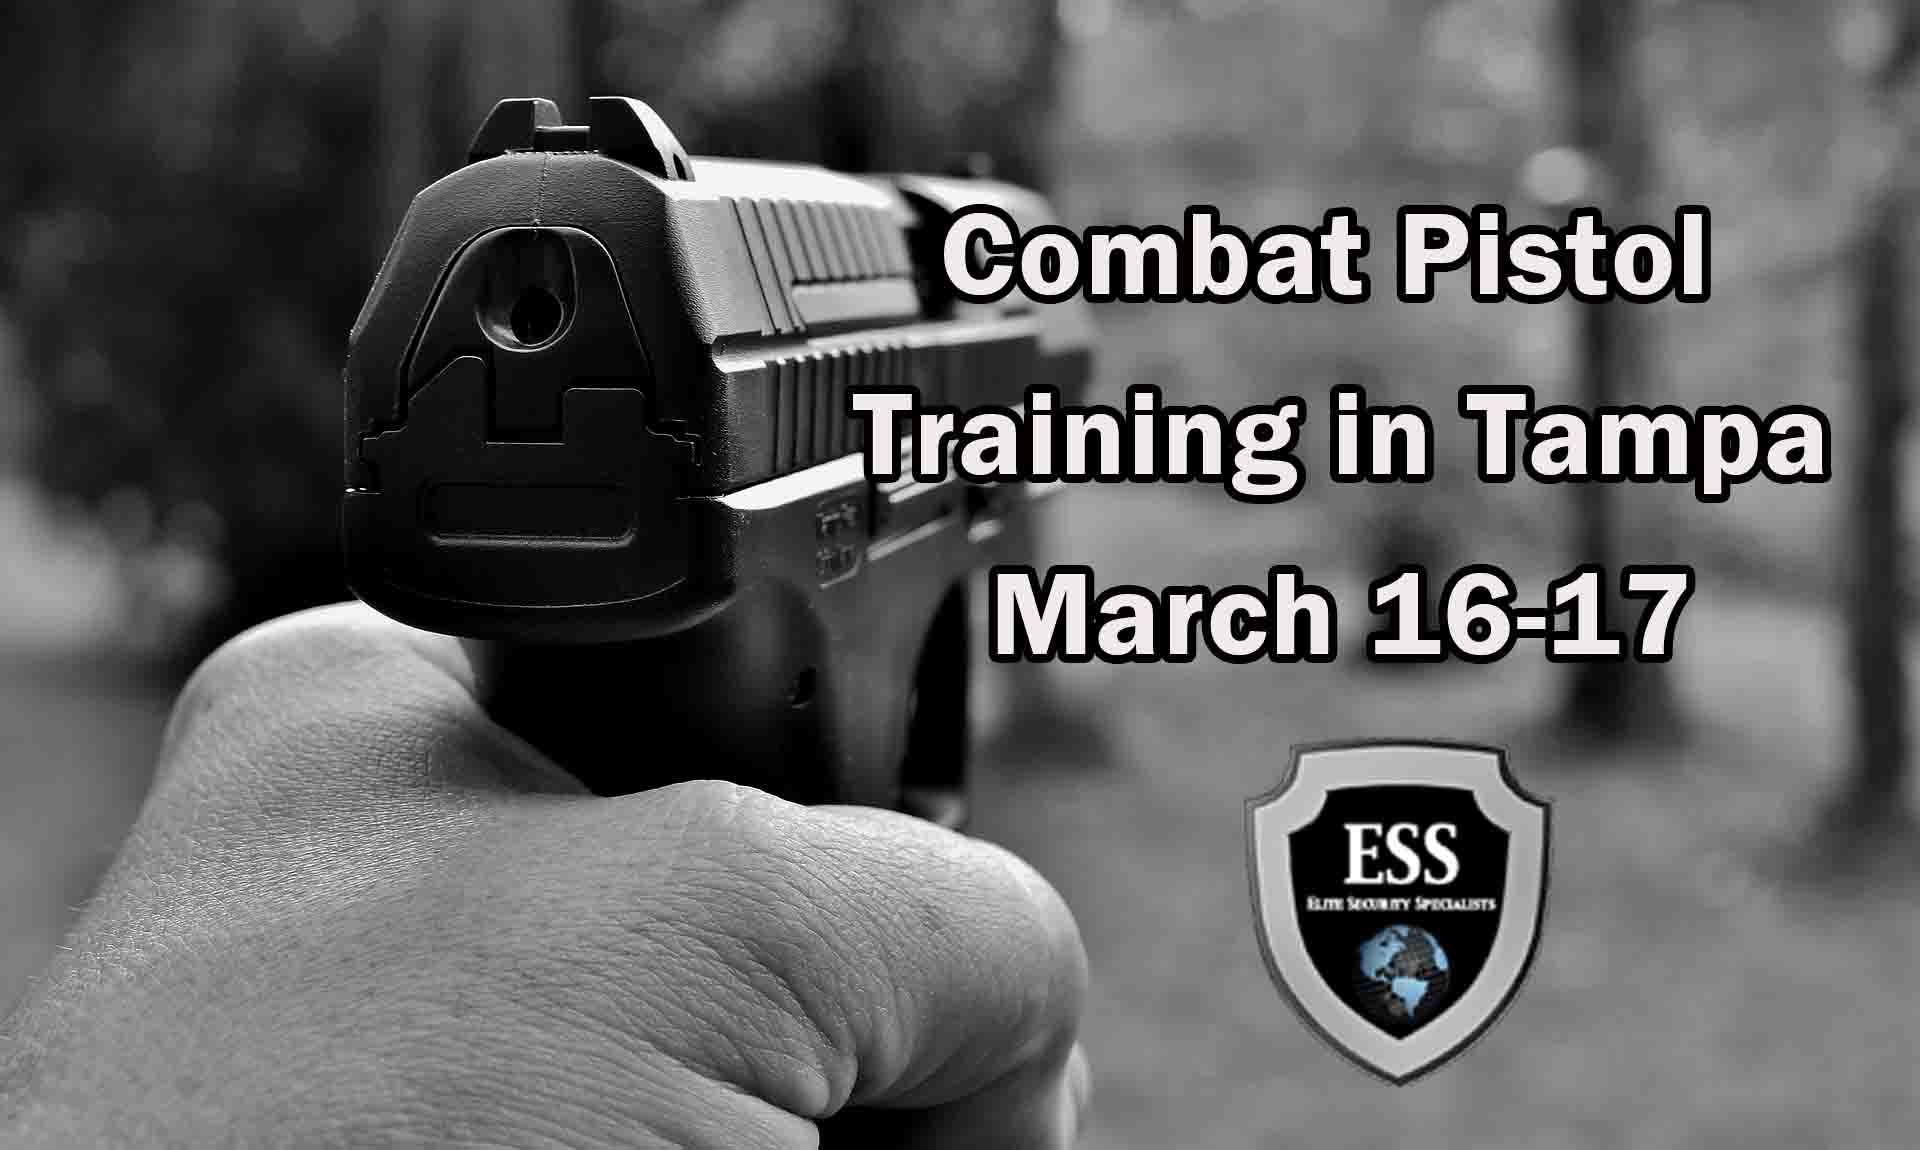 Combat Pistol Training in Tampa 1